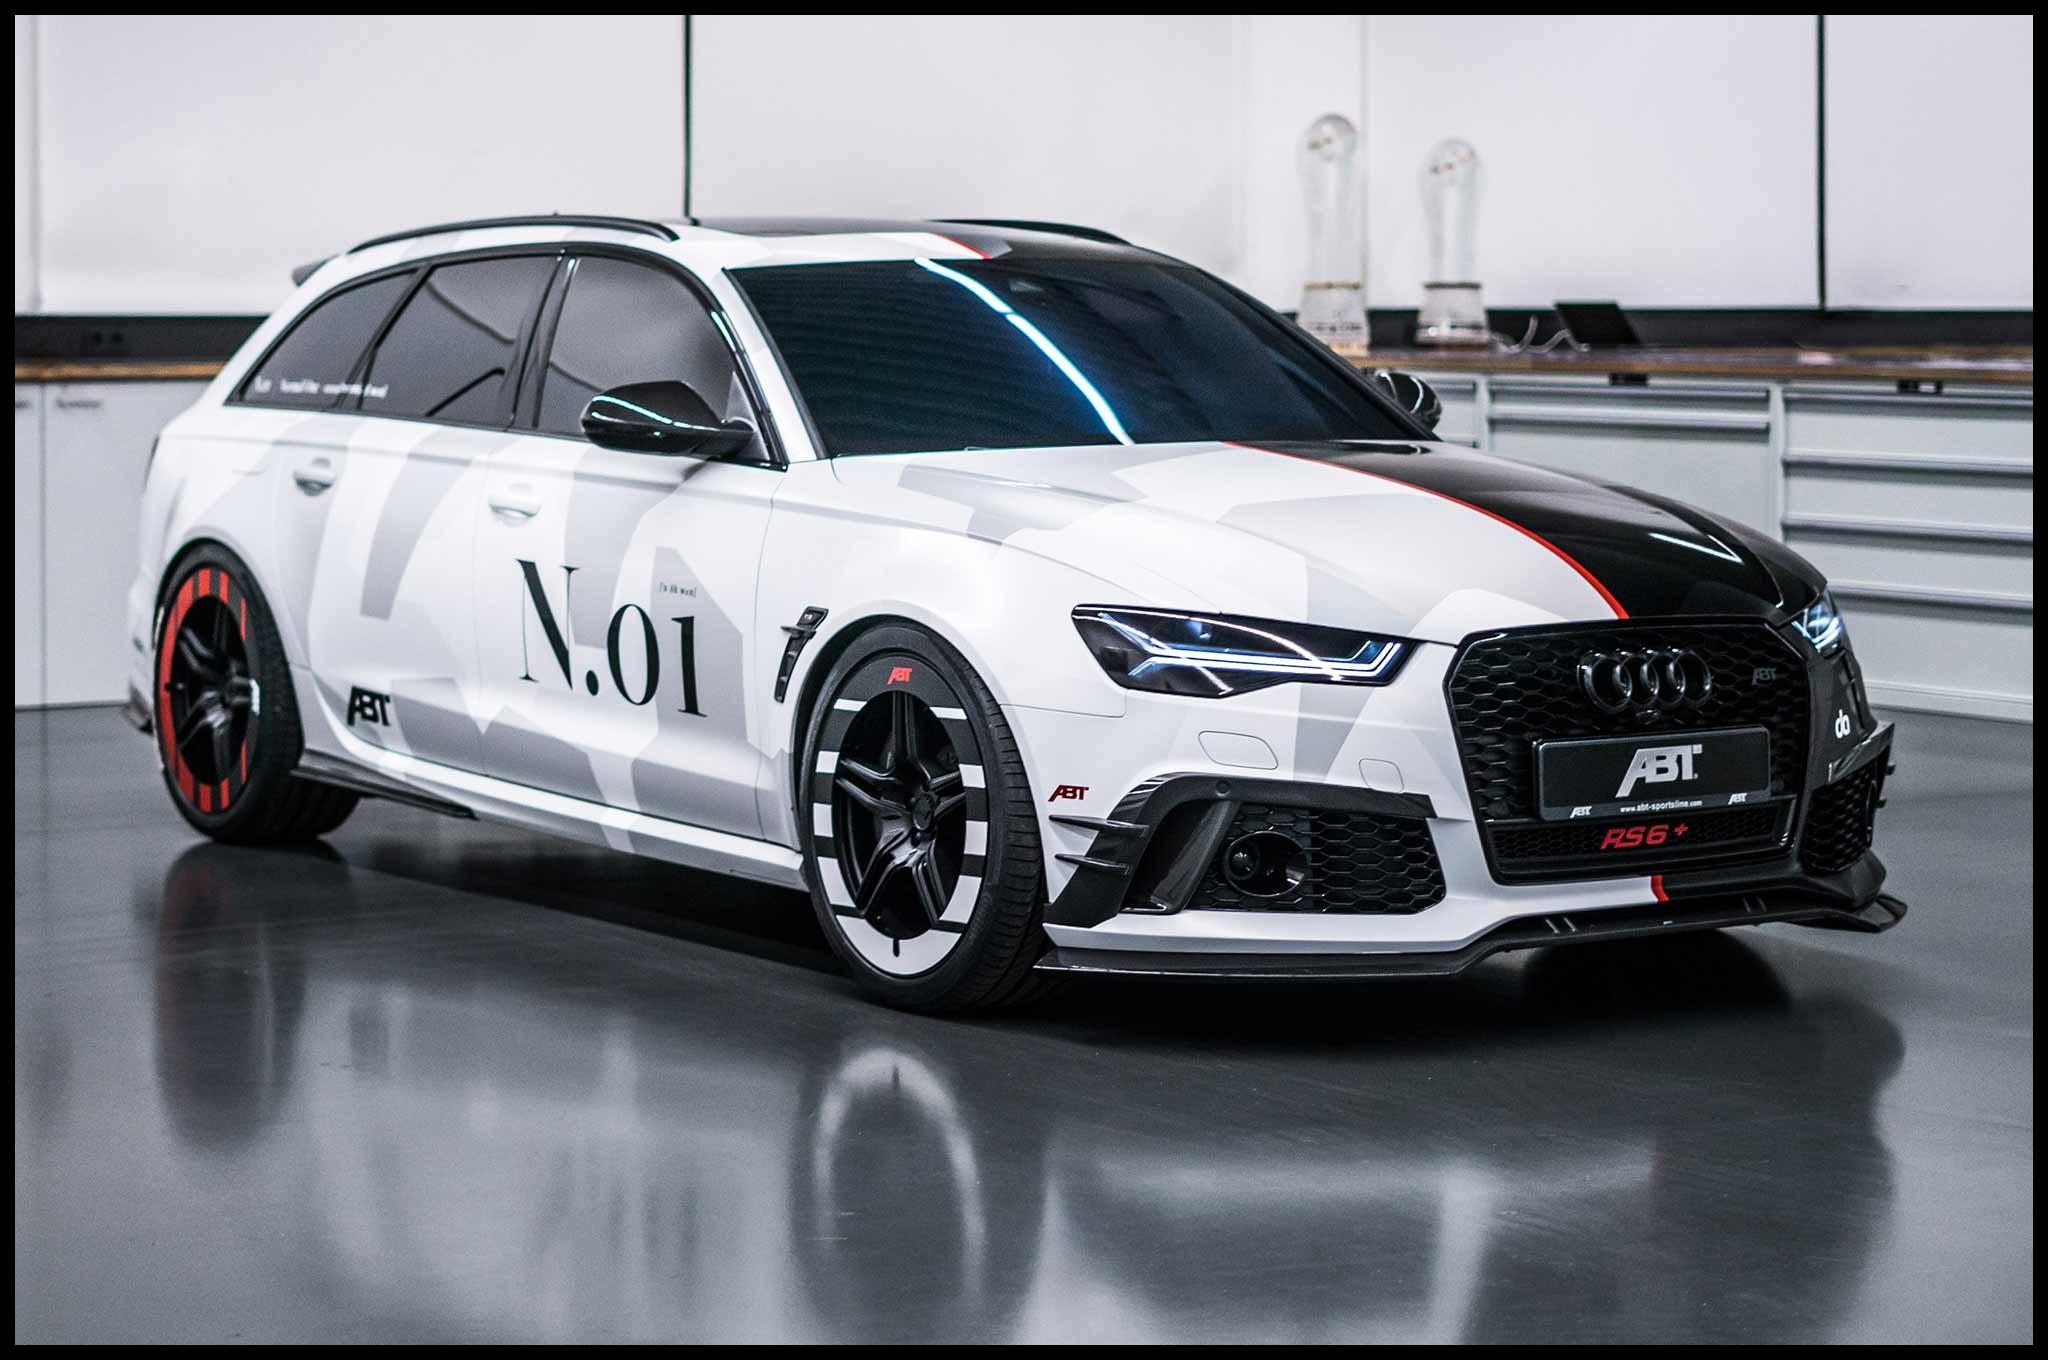 2019 Audi Rs6 Unique Jon Olsson S Audi Rs 6 Wagon is Reborn as Project Phoenix